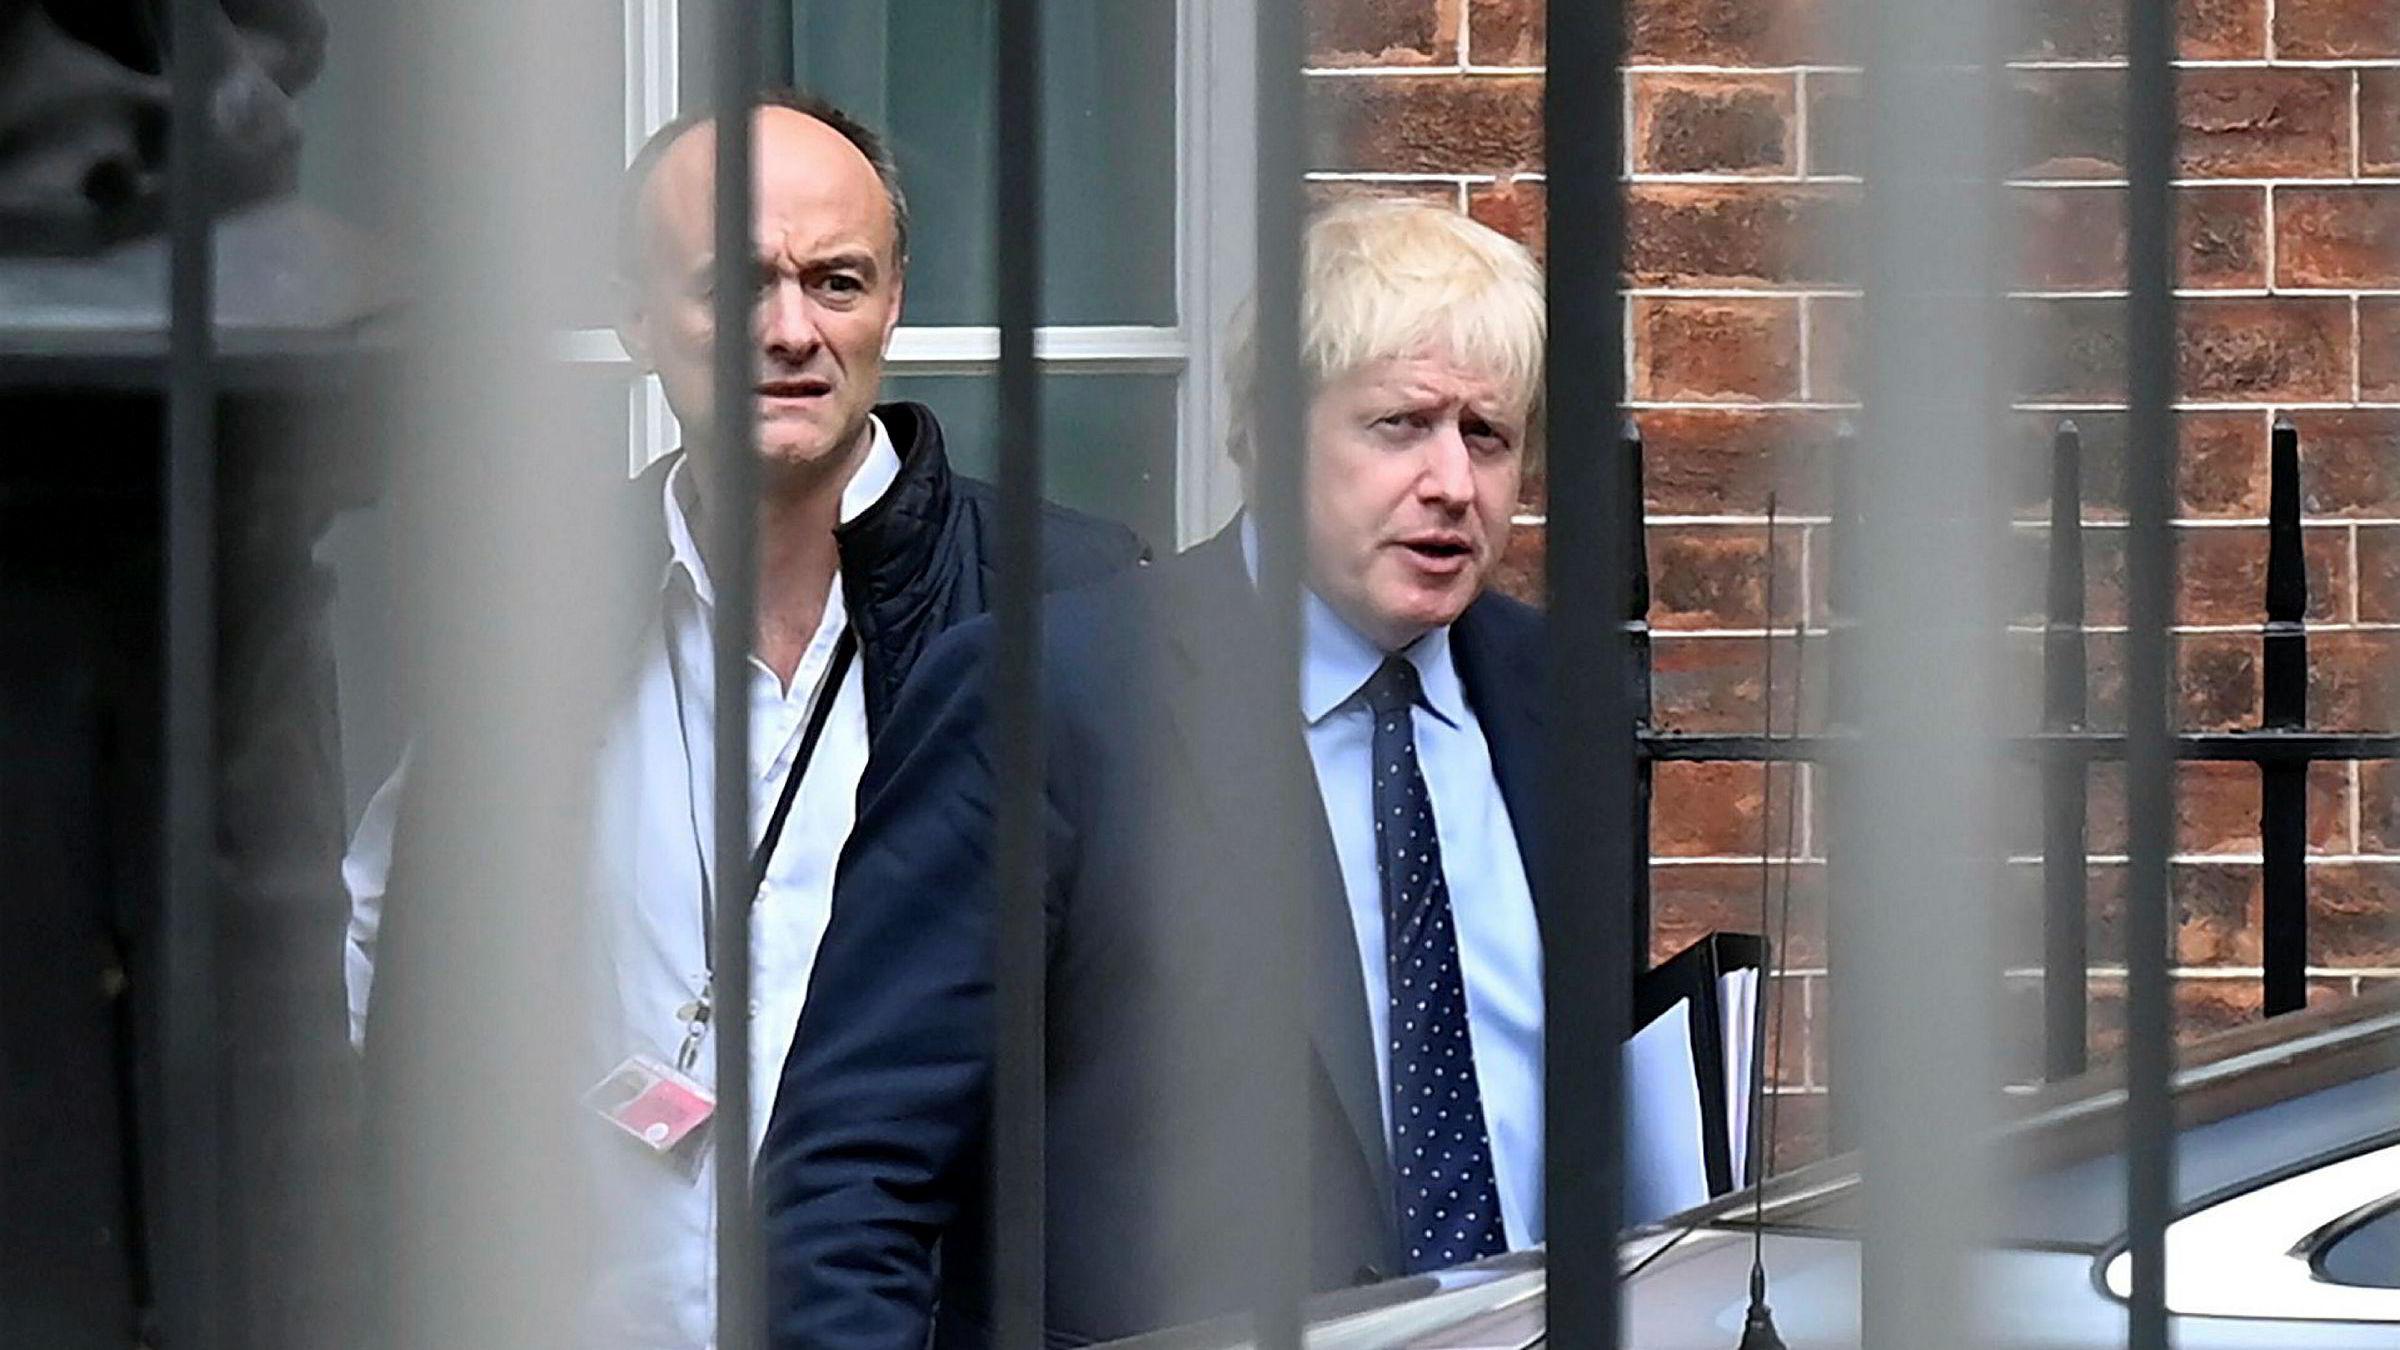 Statsminister Boris Johnson og rådgiver Dominic Cummings undervurderte det folkelige raseriet etter at Cummings laget egne karanteneregler for seg selv.